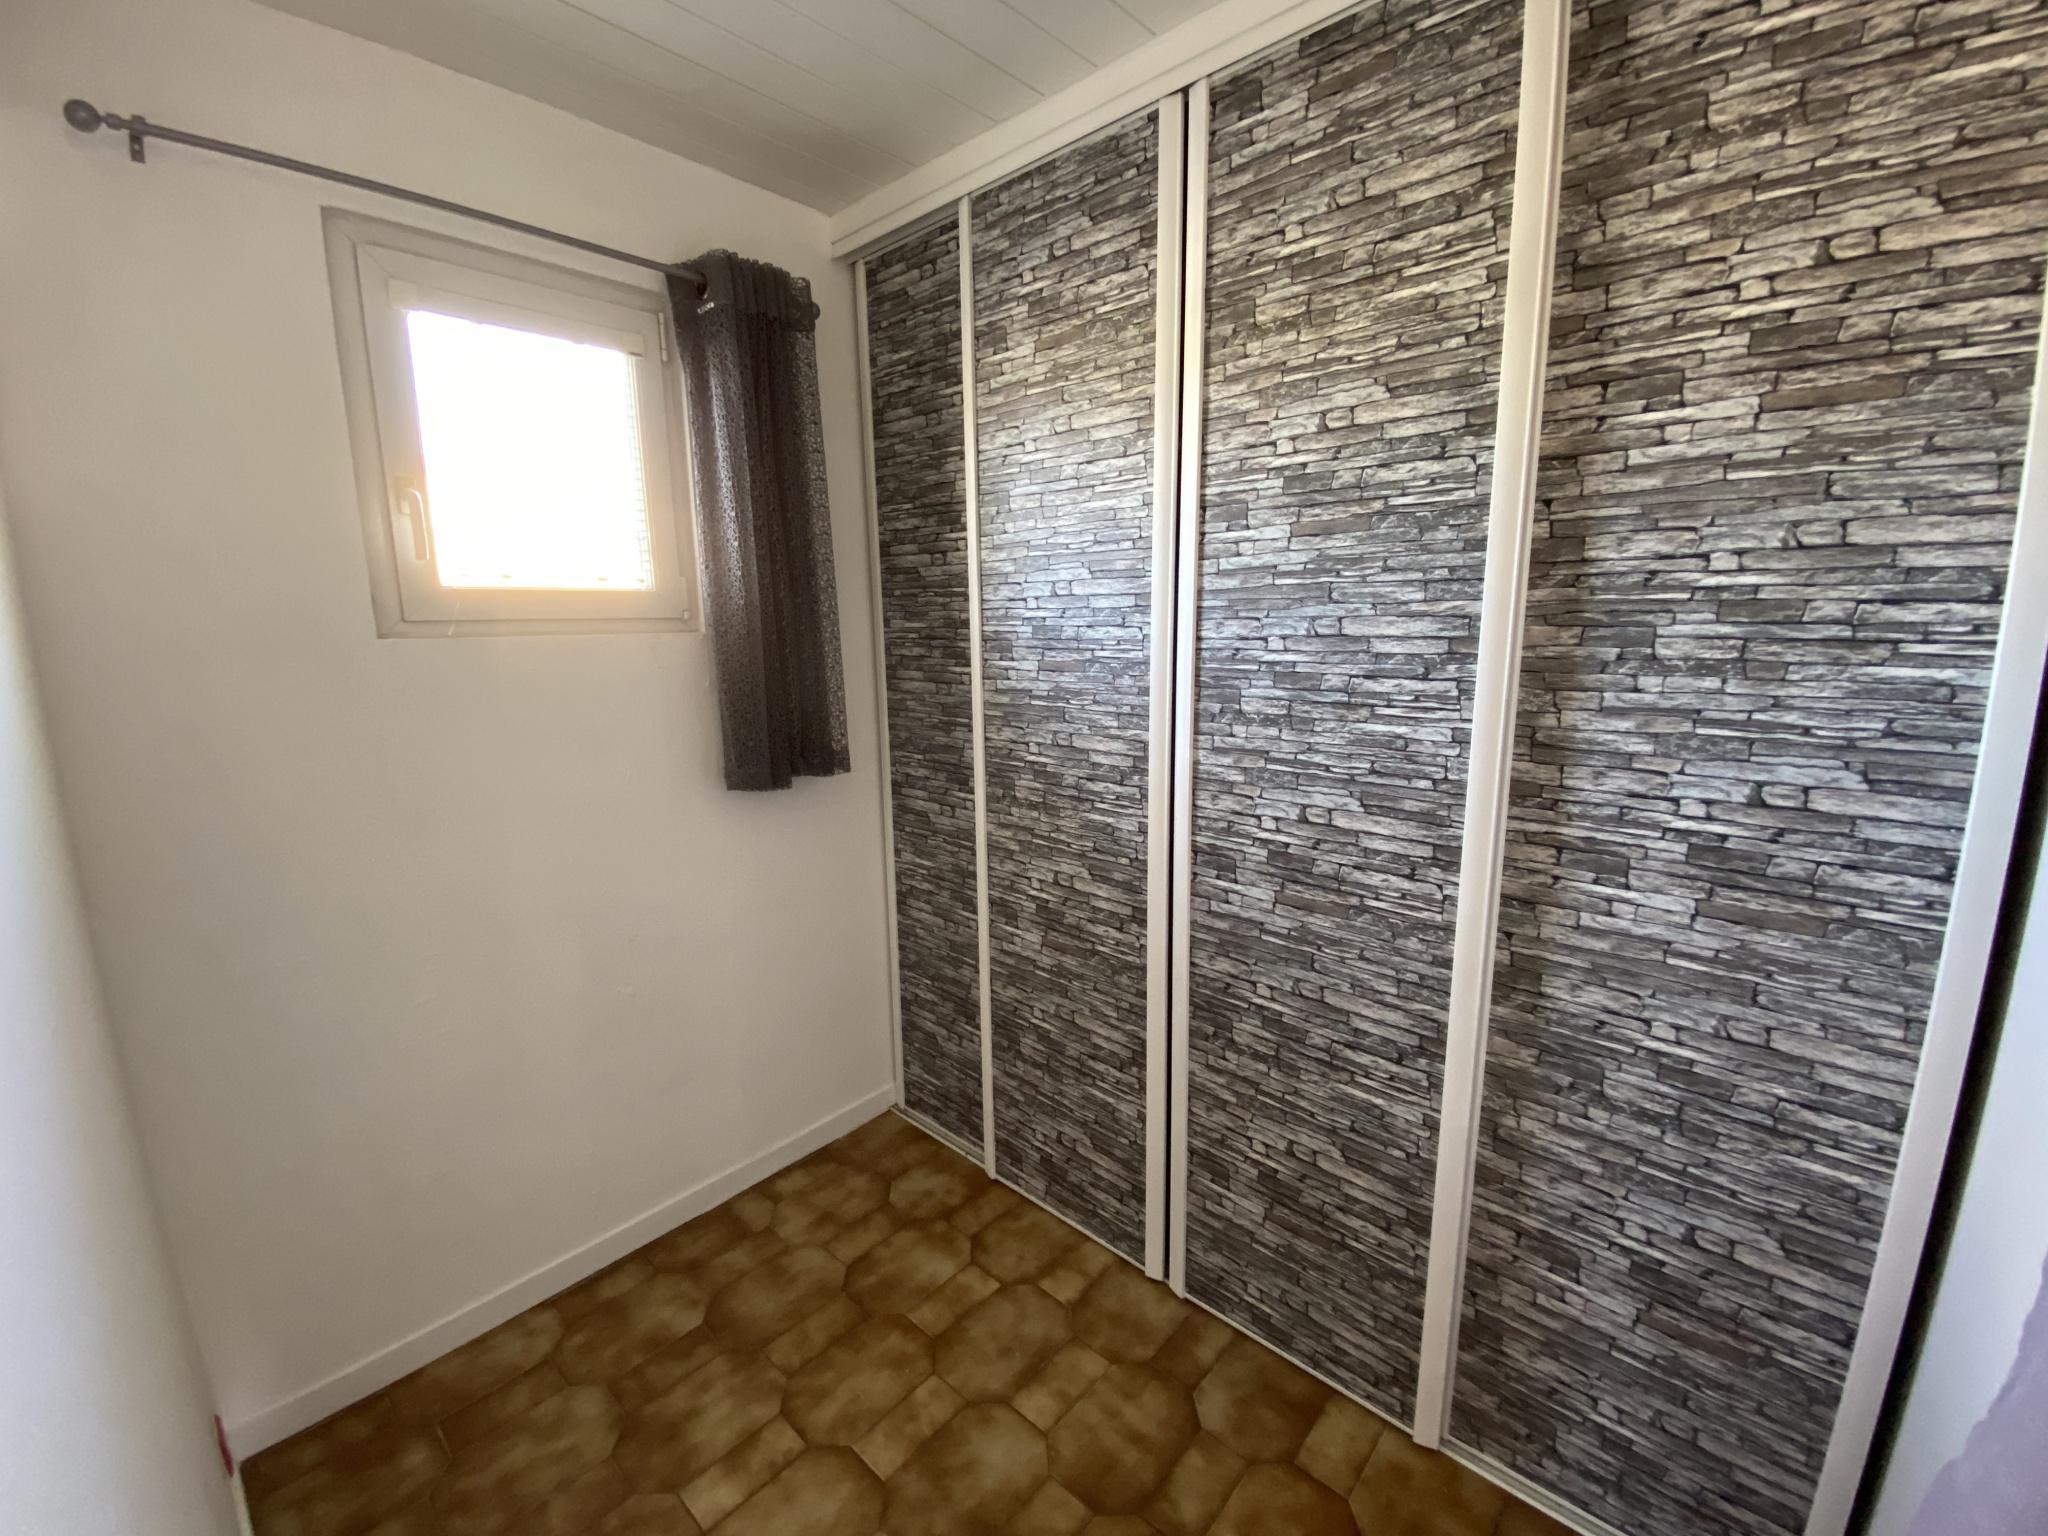 À vendre appartement de 71m2 à argeles sur mer (66700) - Photo 7'